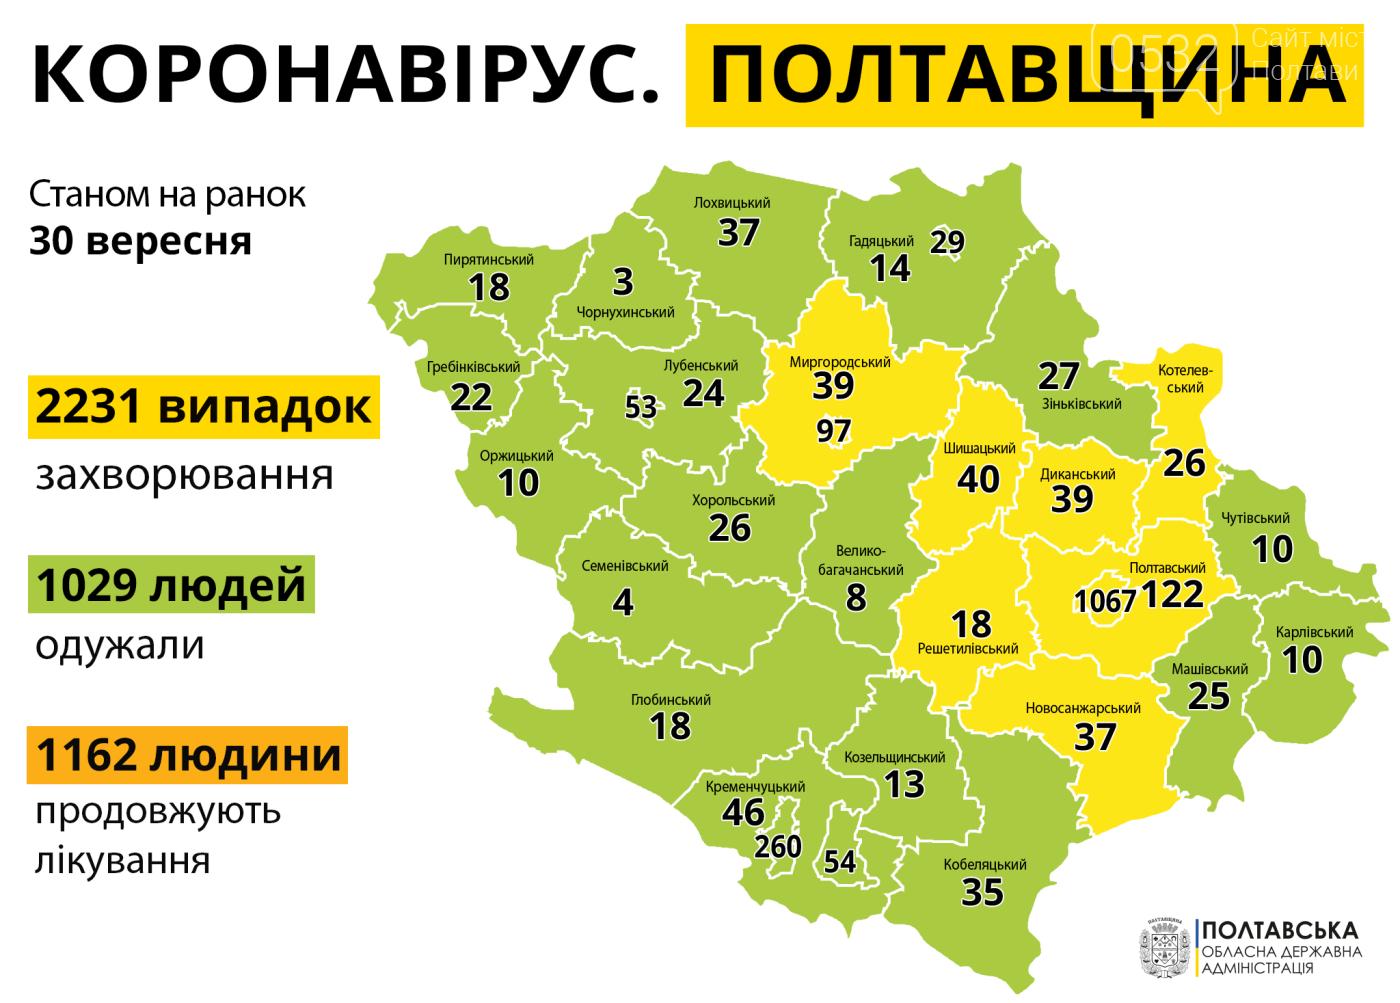 На Полтавщині – 125 нових випадків COVID-19, четверо людей померли, фото-1